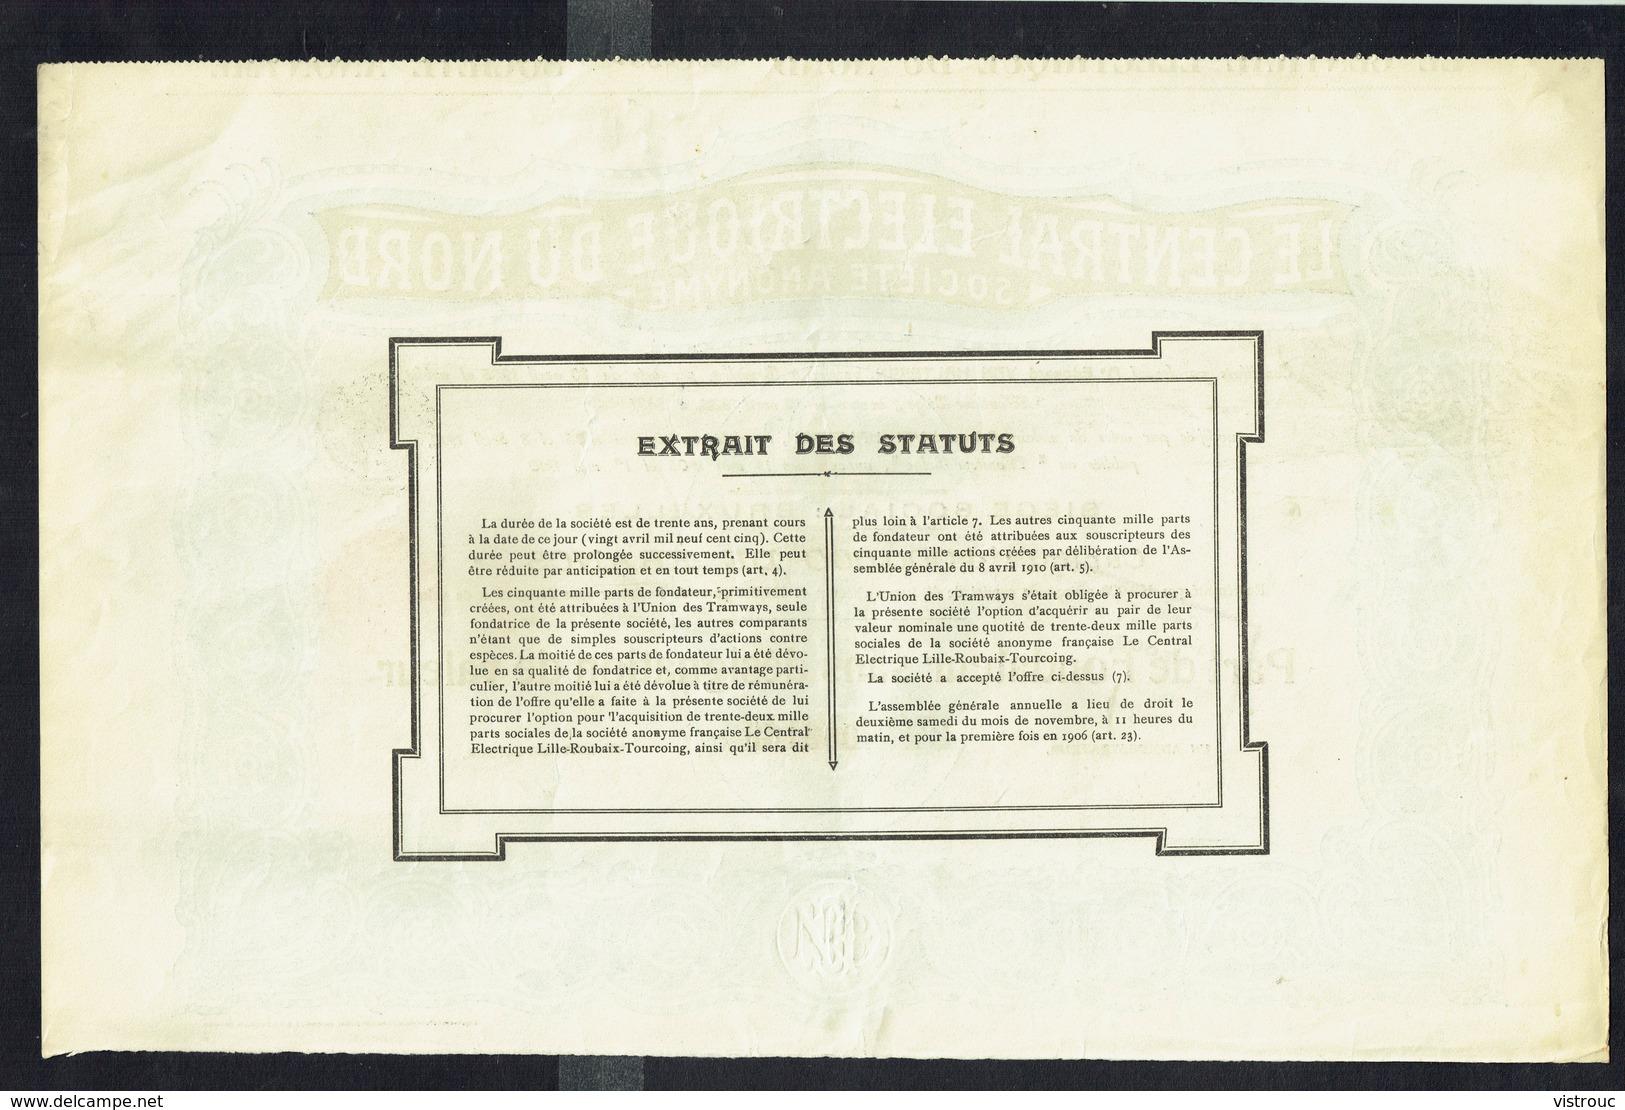 Le CENTRAL ELECTRIQUE DU NORD S.A. - Part De Fondateur - 1910. - Electricité & Gaz